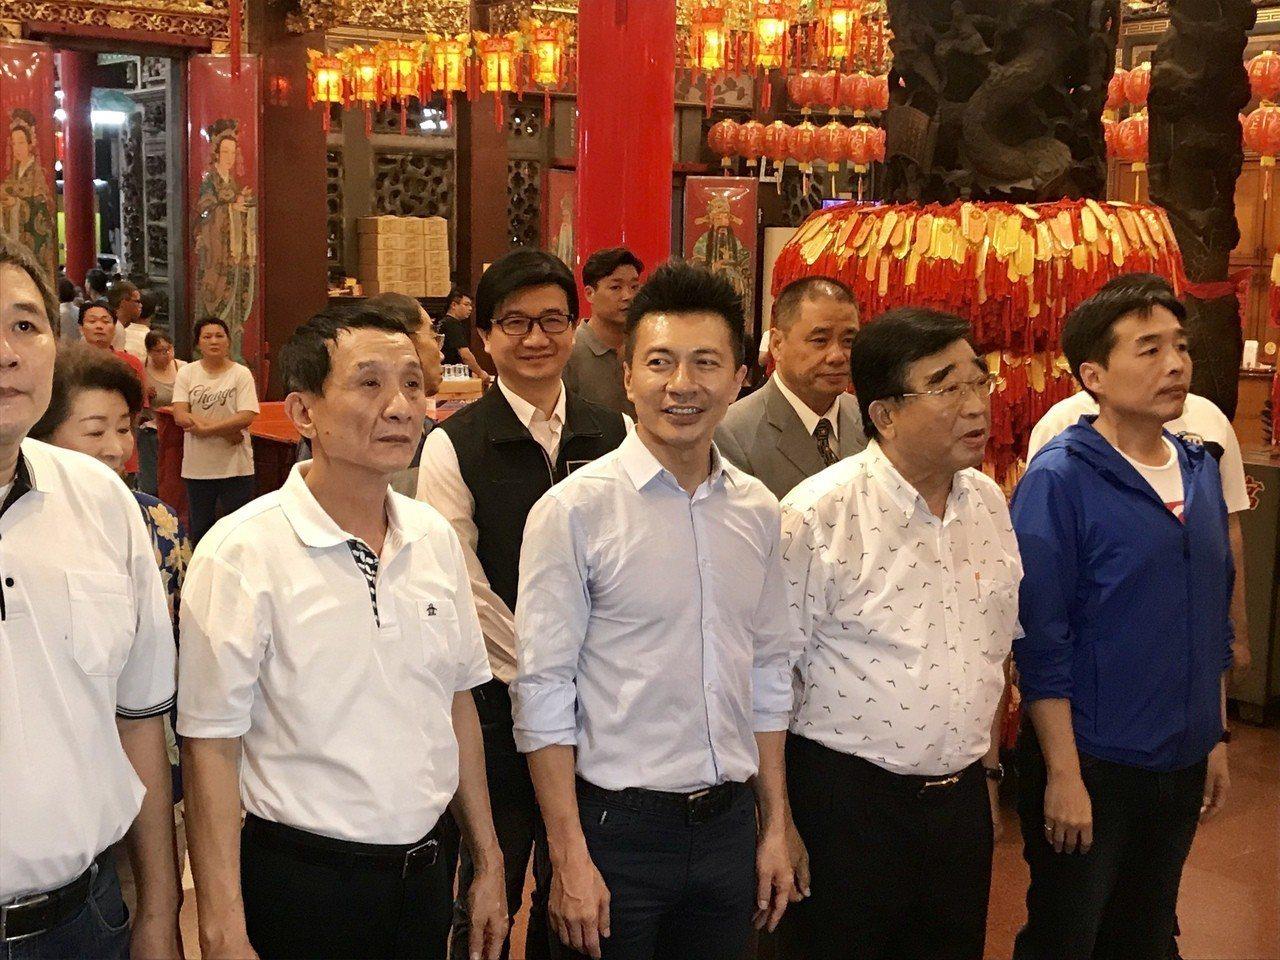 高雄社会局长叶寿山(中),在屏东市长林协松(左)、前立委王进士(右)陪同下,3位...